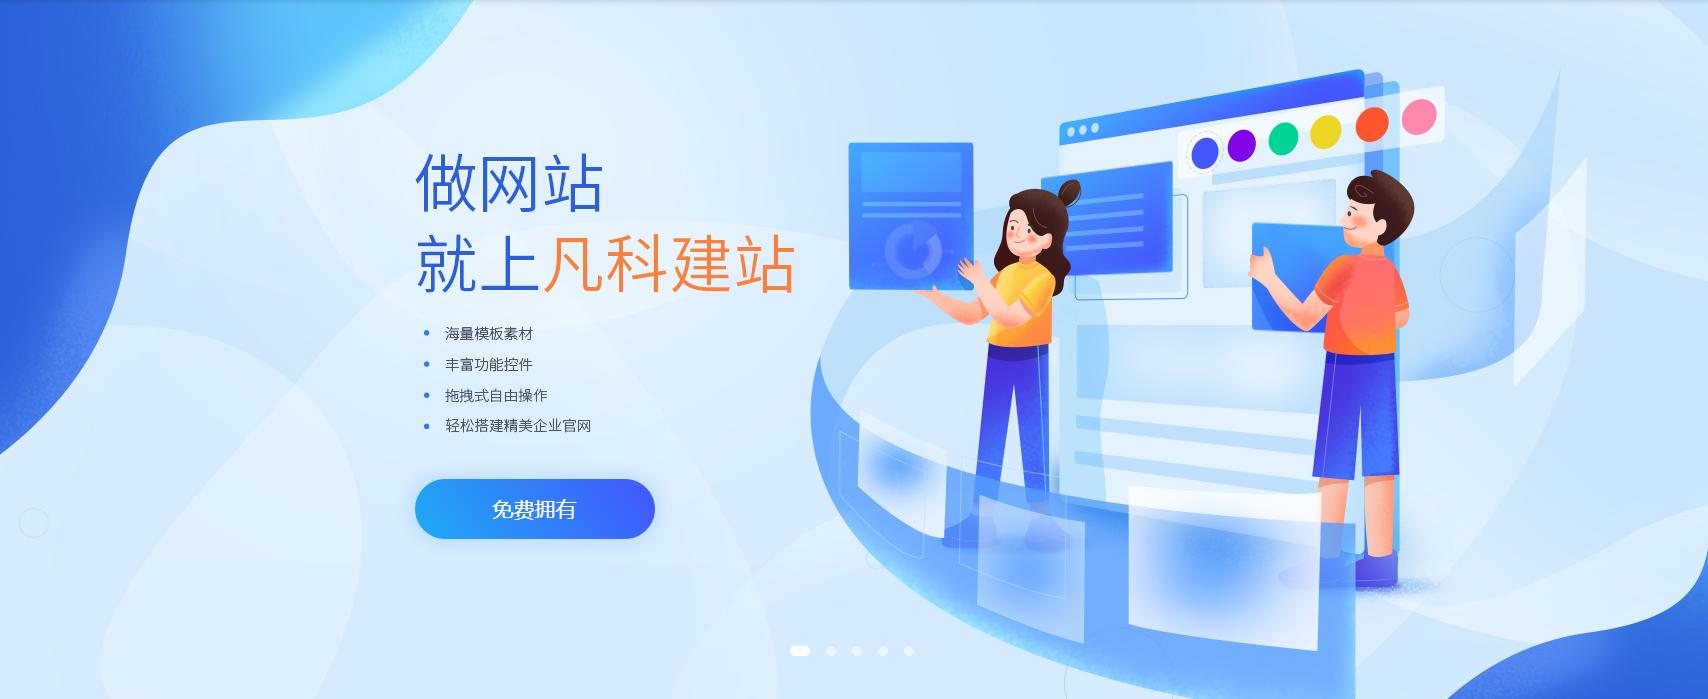 扁平化网站怎么建立